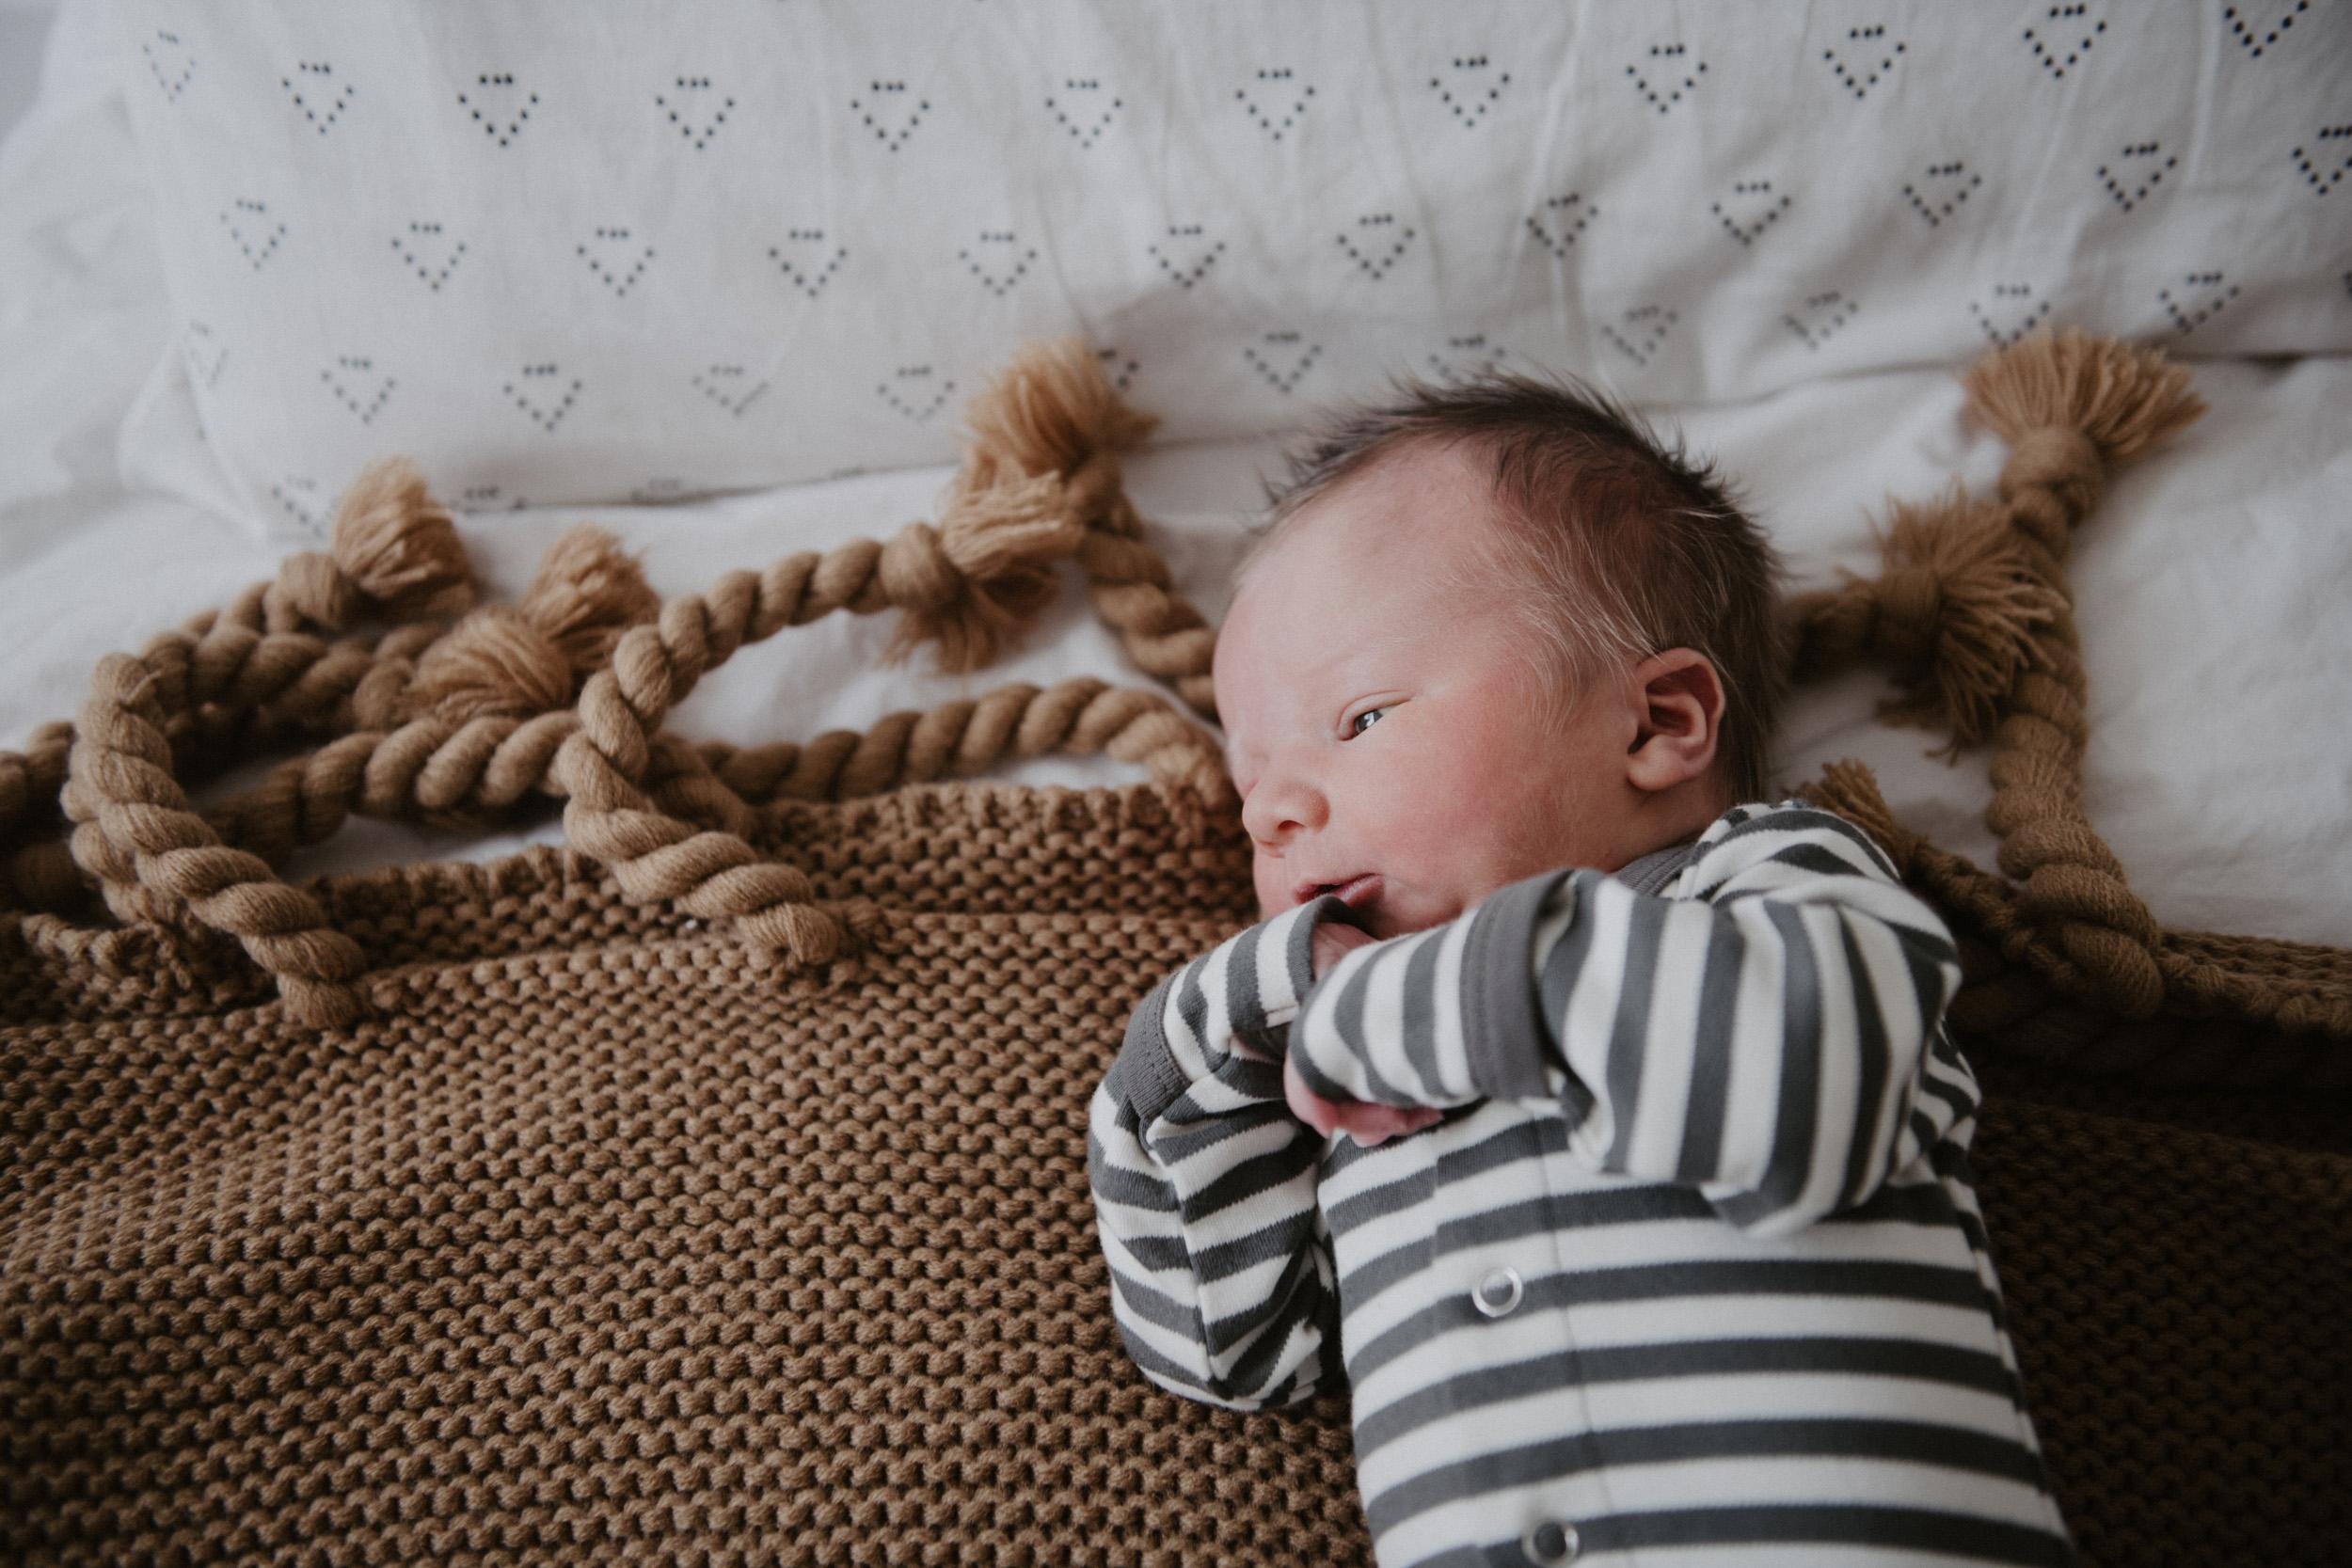 newborn in striped onesie on brown blanket